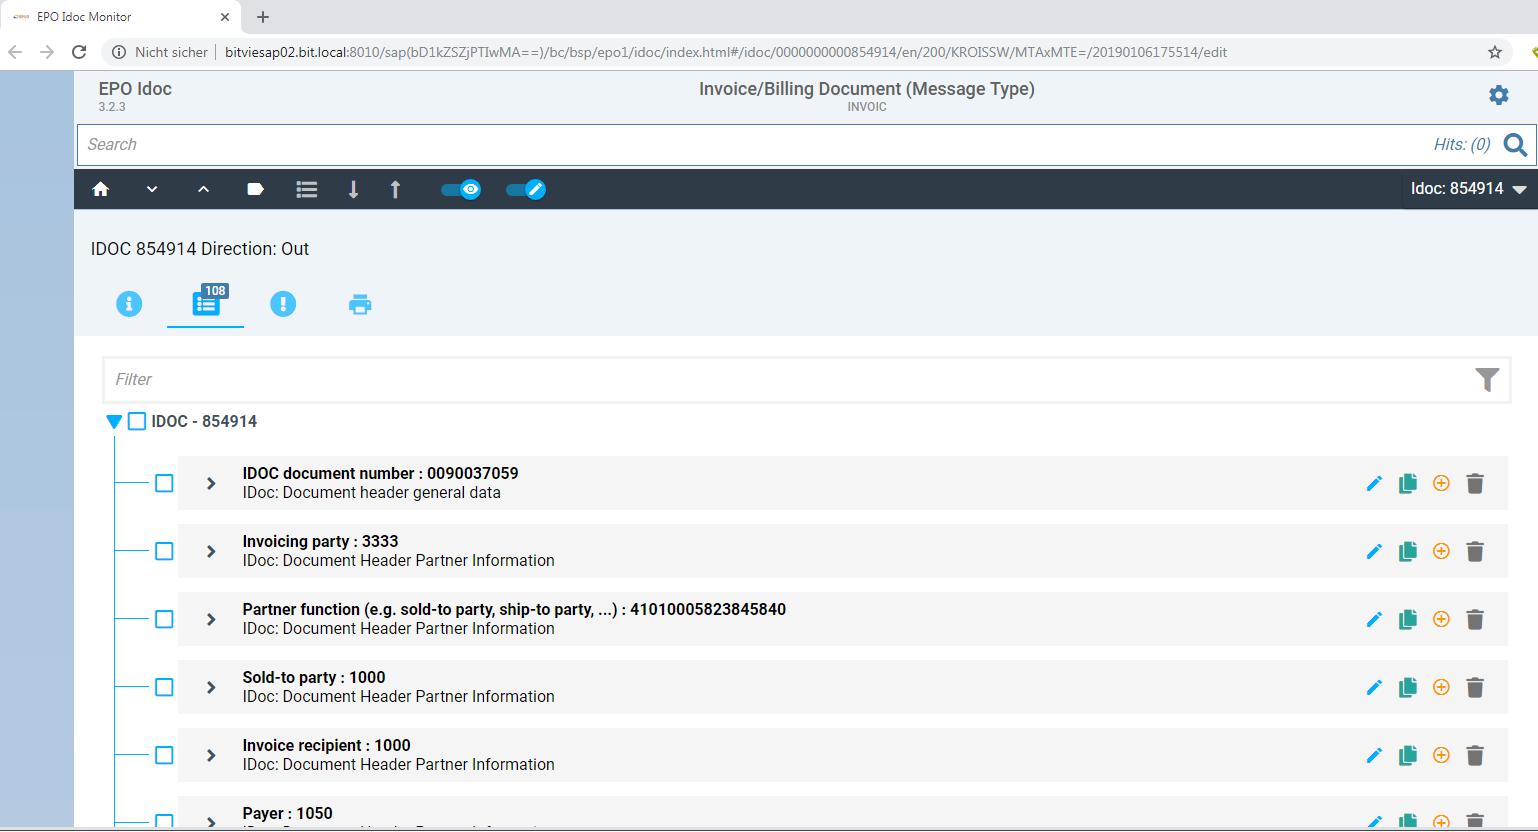 EPO Idoc Monitor Fiori App Overview.png